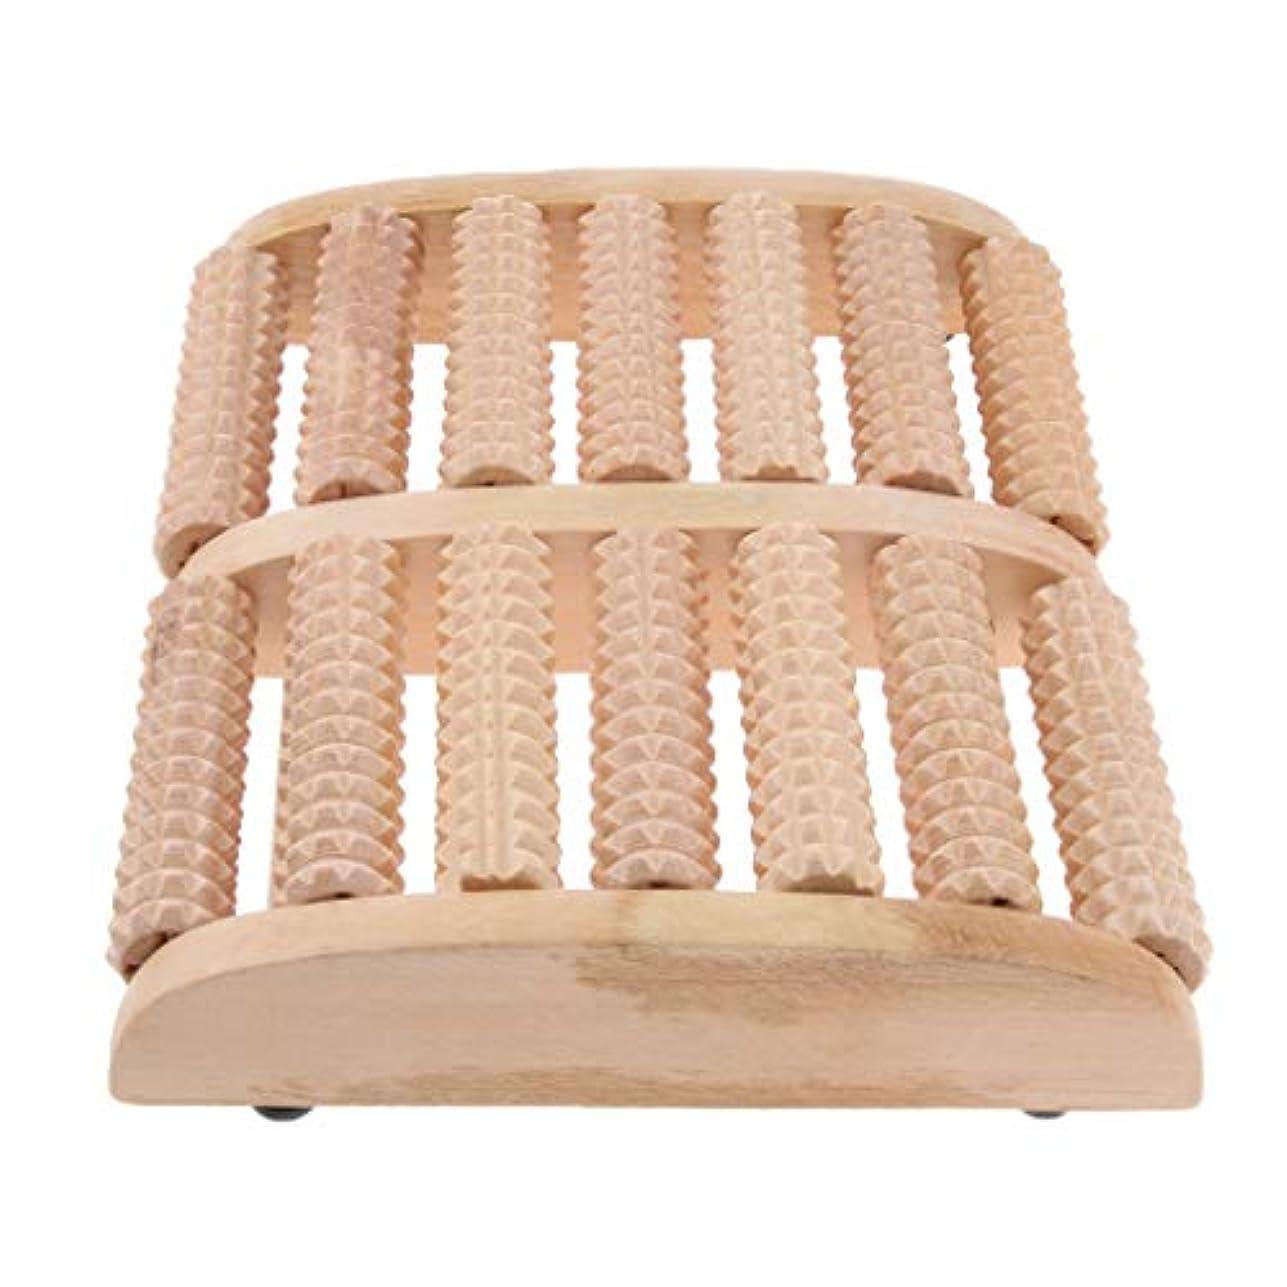 協力的不潔リアルIPOTCH マッサージローラー 7行 自然木製 足踏み フットマッサージ ツボ押し 痛み緩和 健康器具 高品質